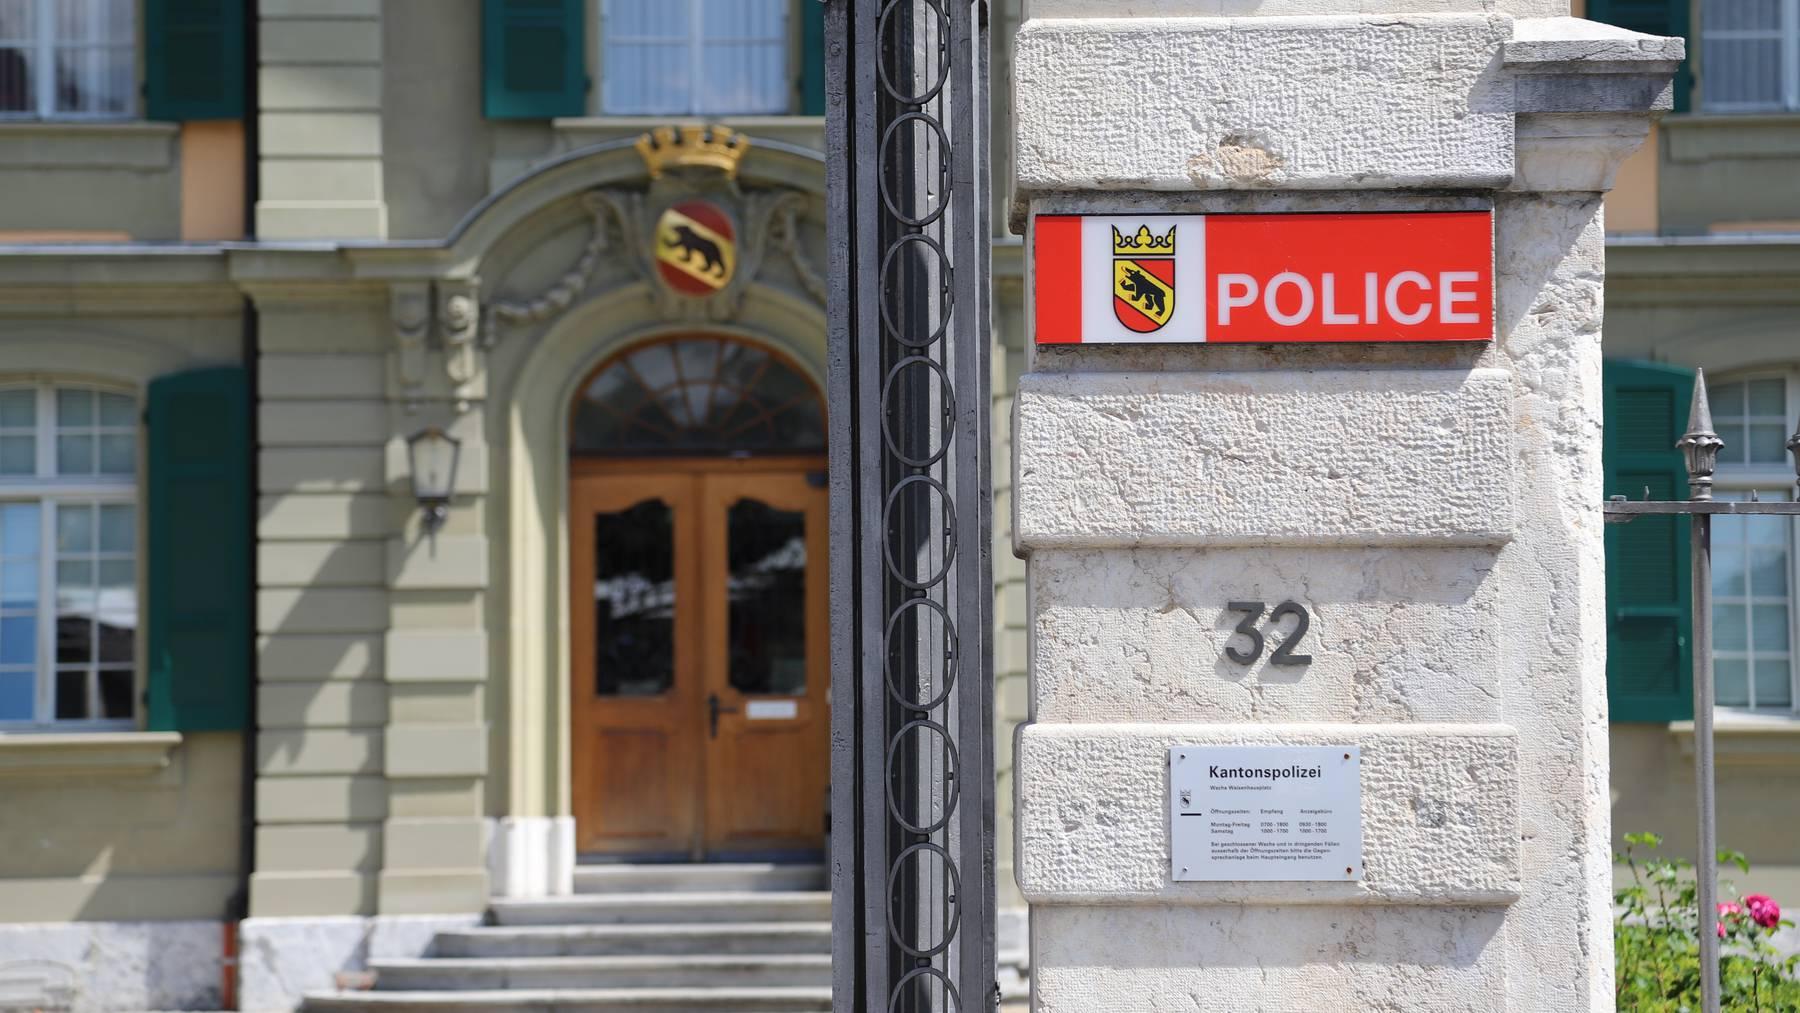 Bern_Kantonspolizei_Polizei_rb1